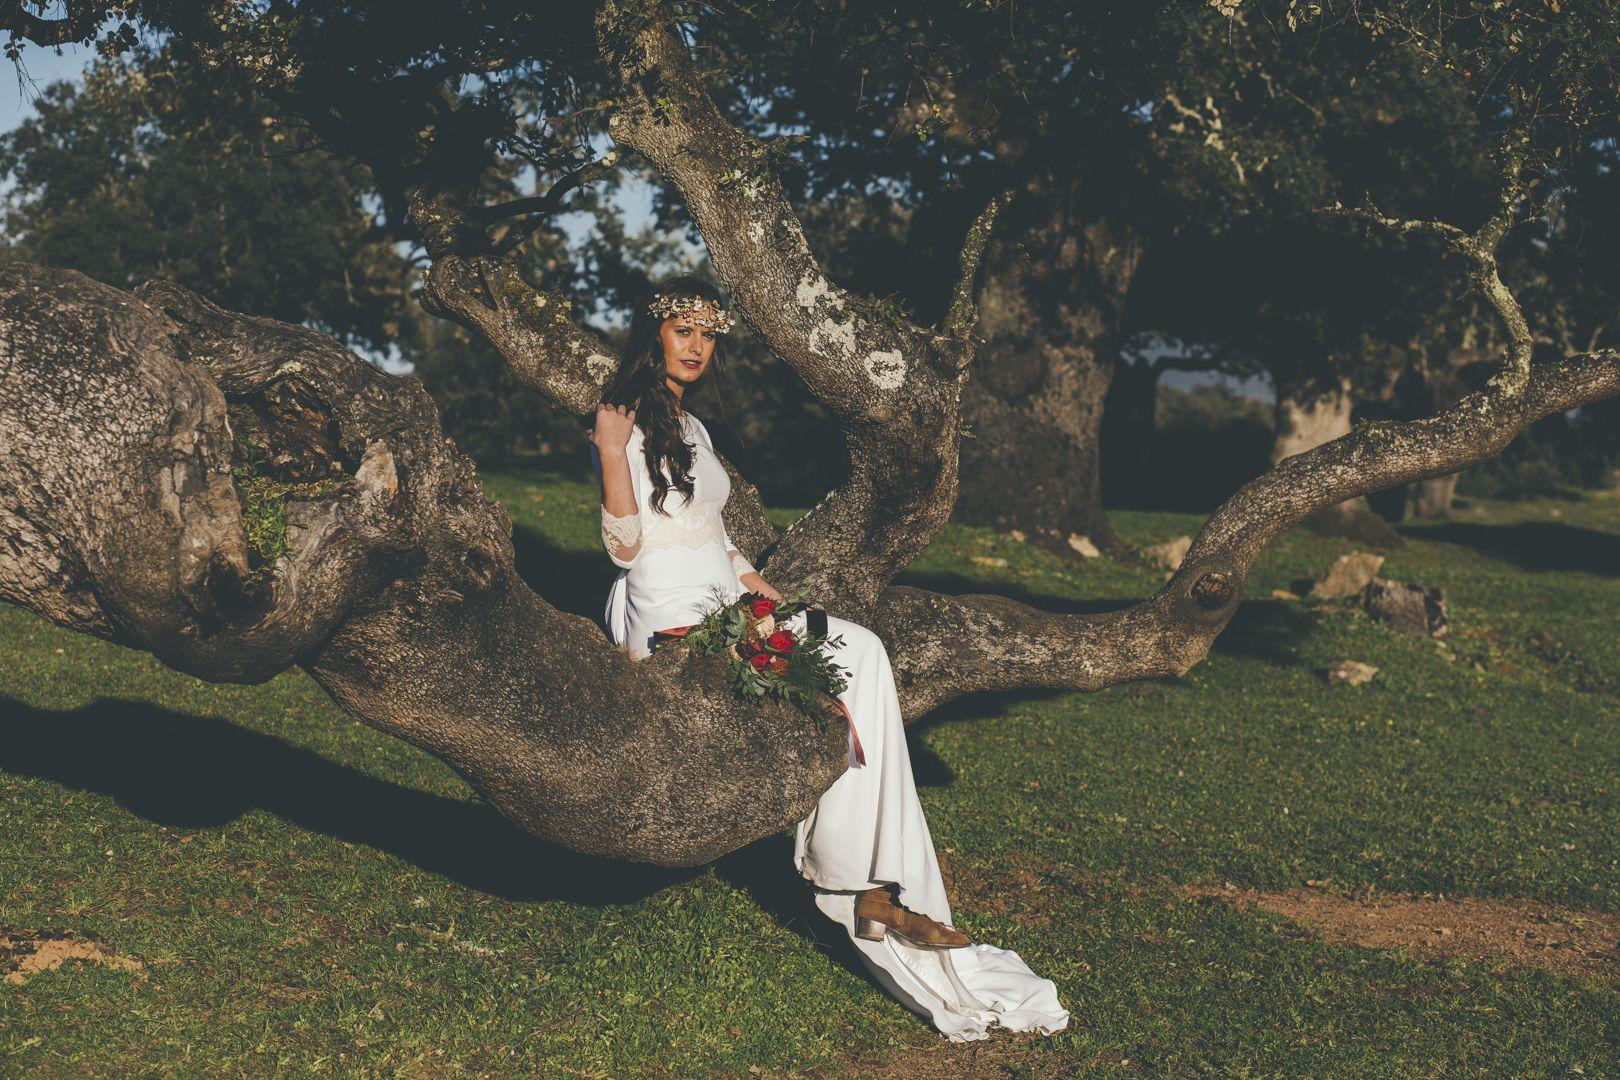 Recurrimos a la dehesa para ofrecerte una preciosa sesión de inspiración de boda en la dehesa, y todos los detalles de una novia espontánea y sencilla